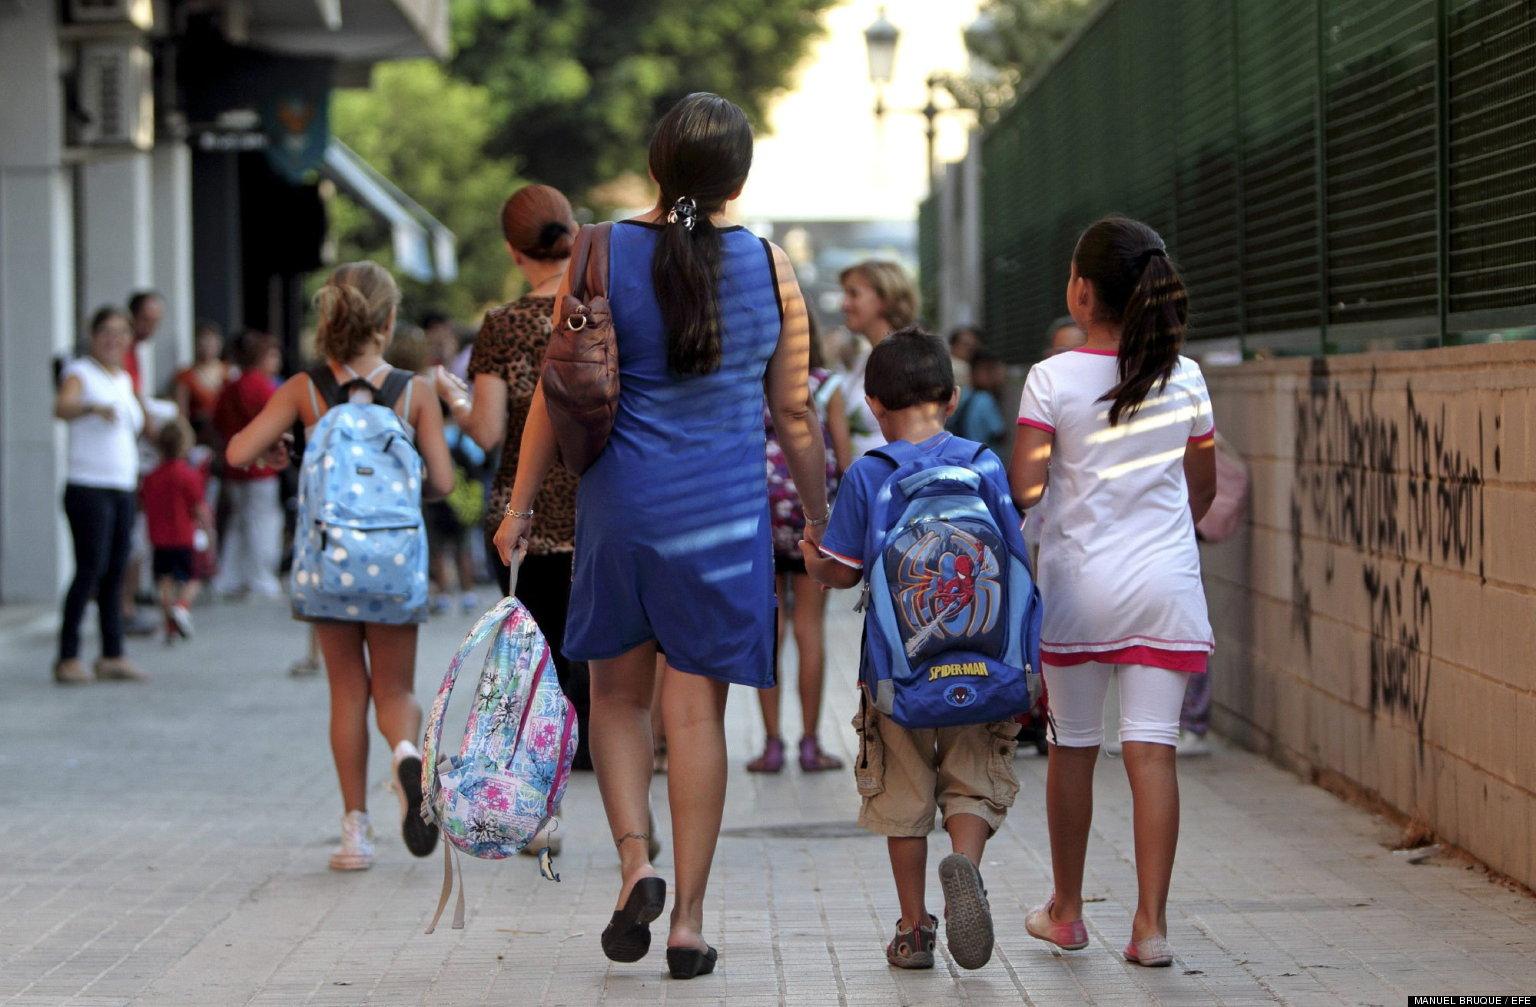 COMIENZA EL CURSO ESCOLAR 2012/2013 EN LOS COLEGIOS DE LA COMUNIDAD VALENCIANA